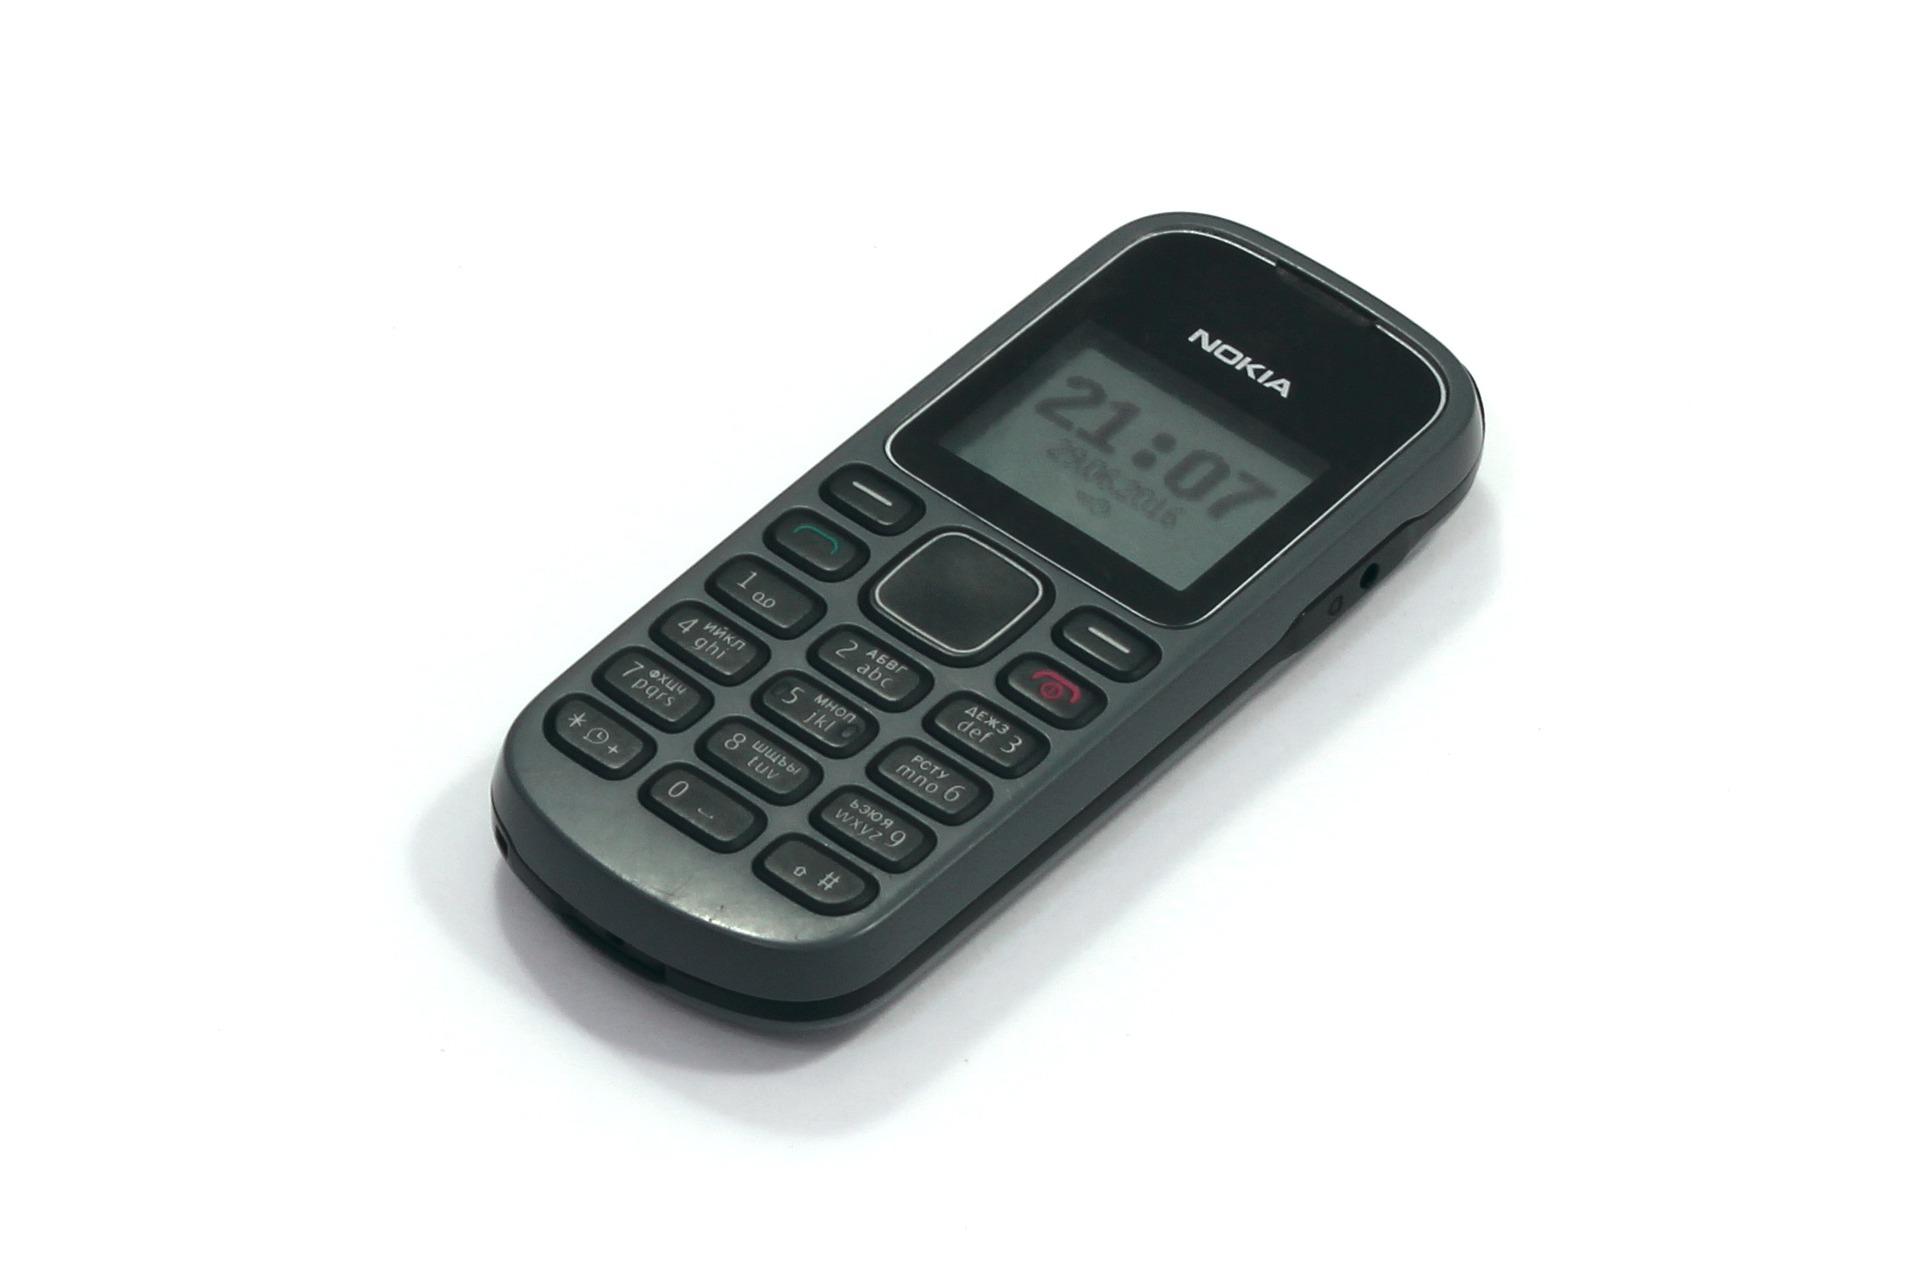 nokia-1280-1502601_1920